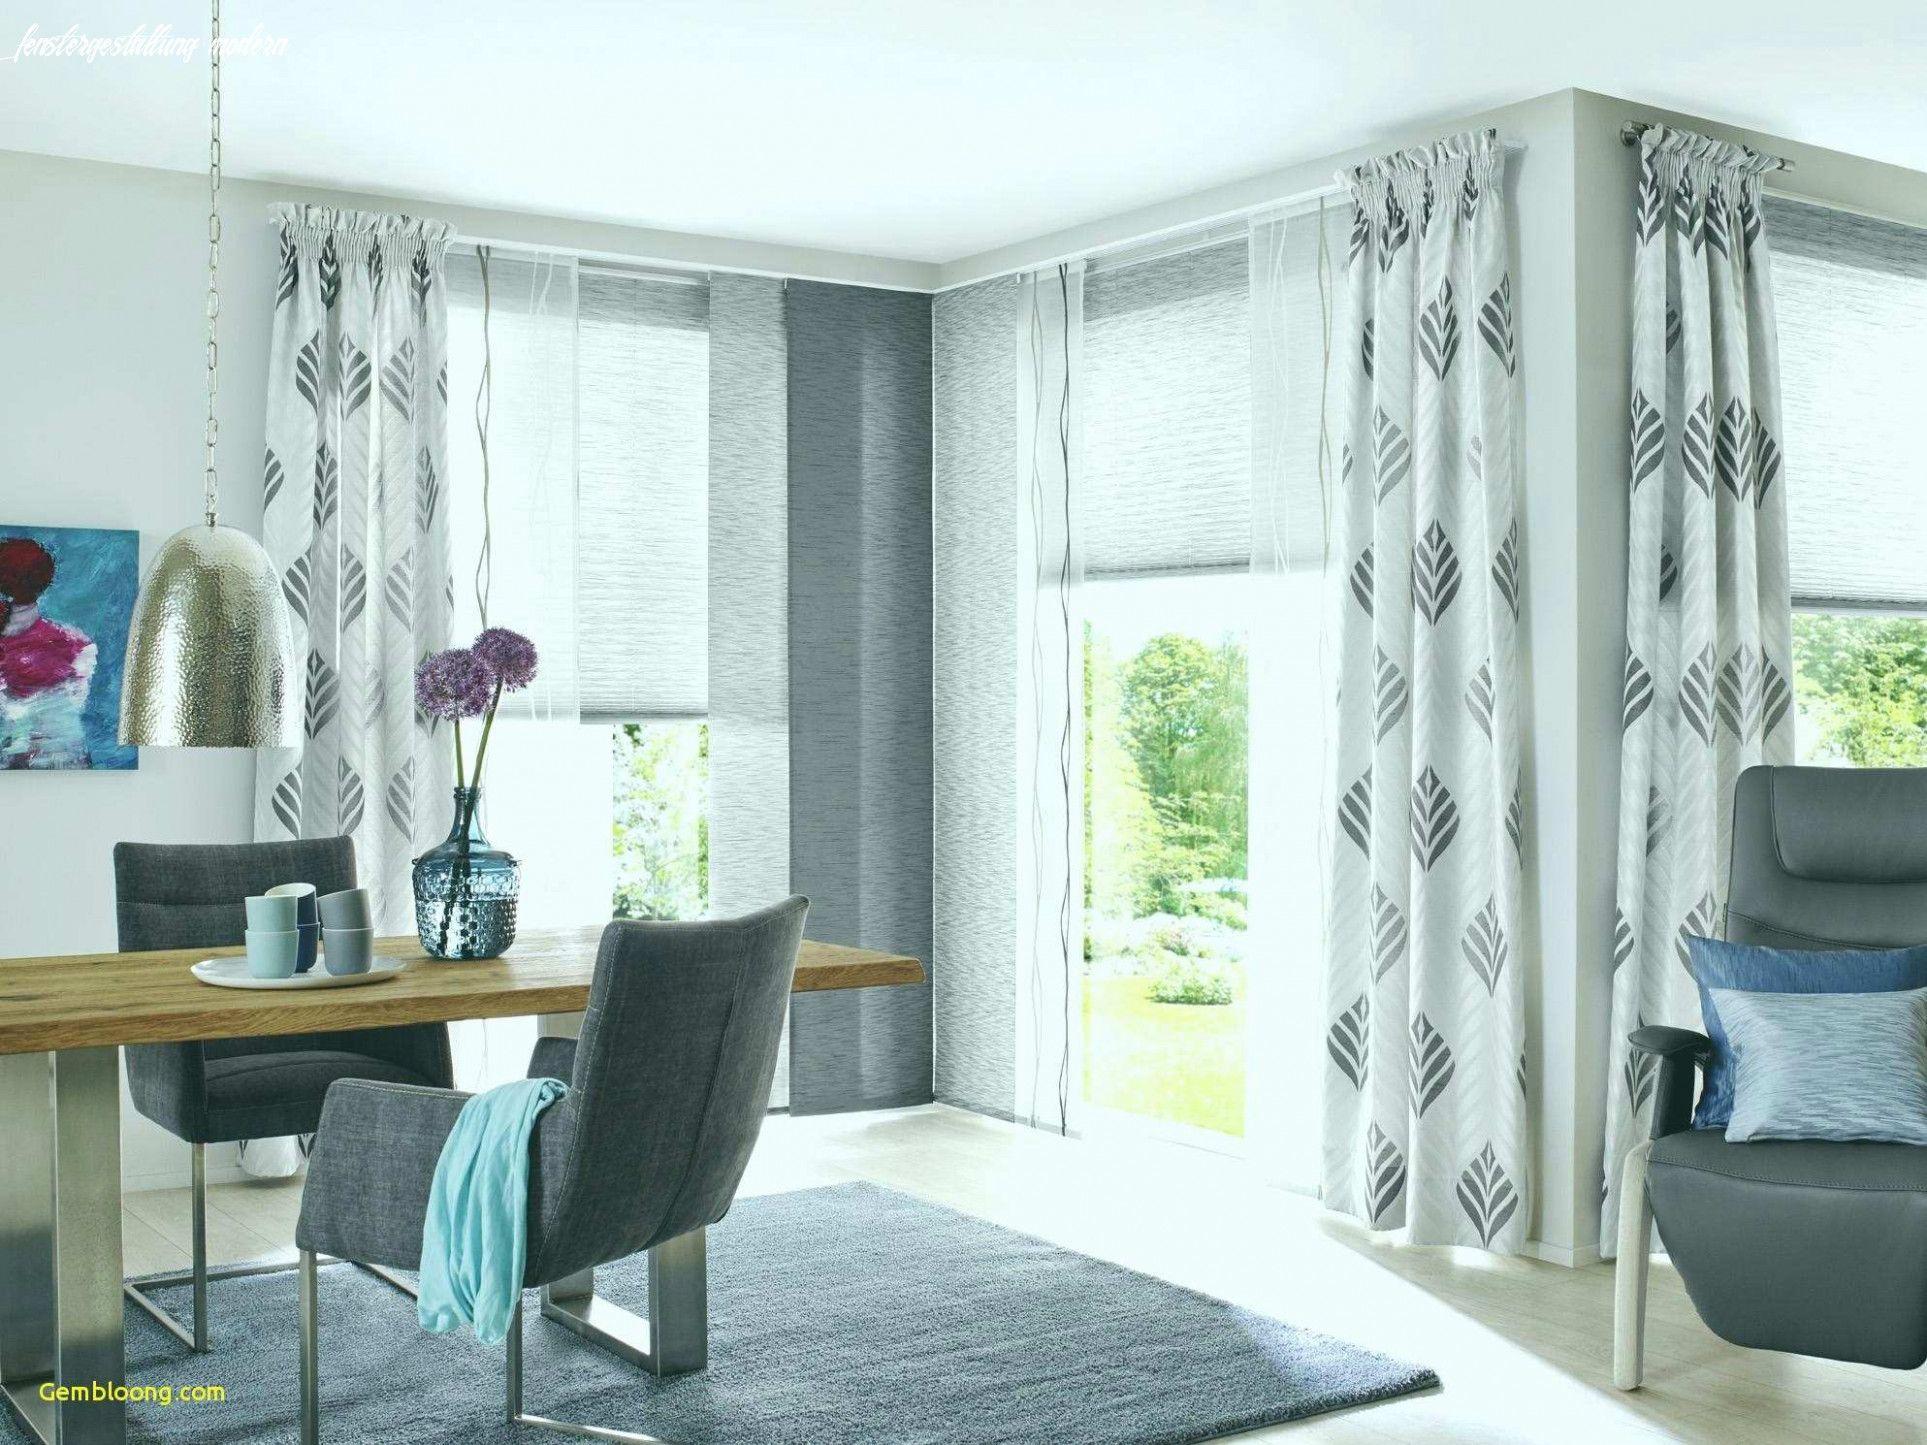 Der Wahre Grund Hinter Fenstergestaltung Modern in 5